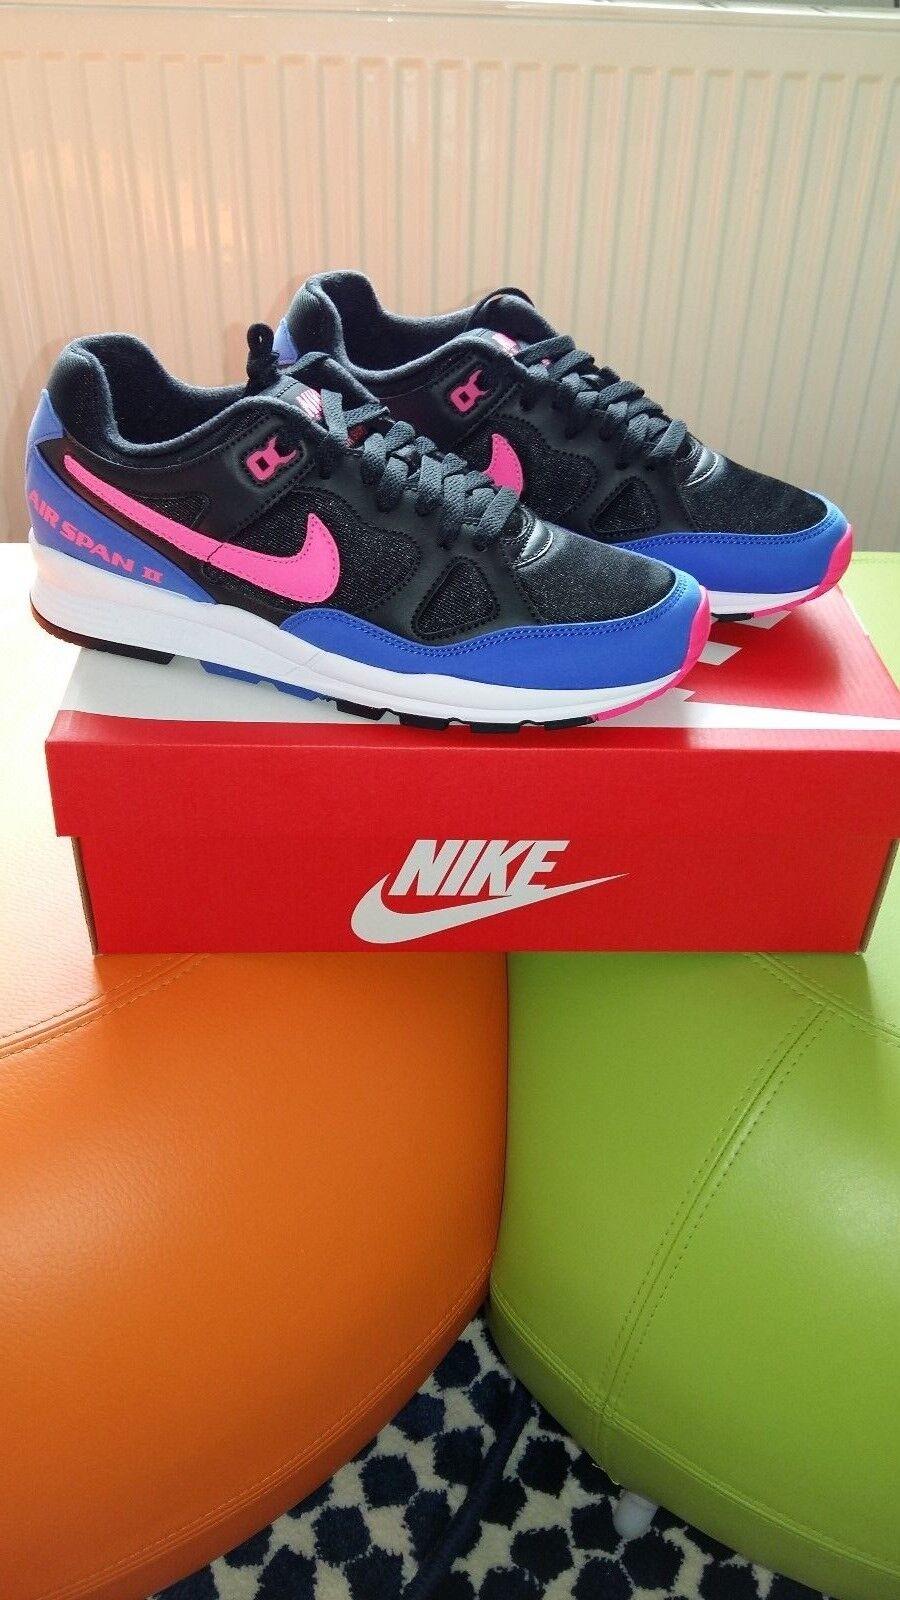 Nike Air Span 2... 2... 2... Retro Sport Scarpe da ginnastica unisex misura 7 Regno Unito eur-41 1e9dfa